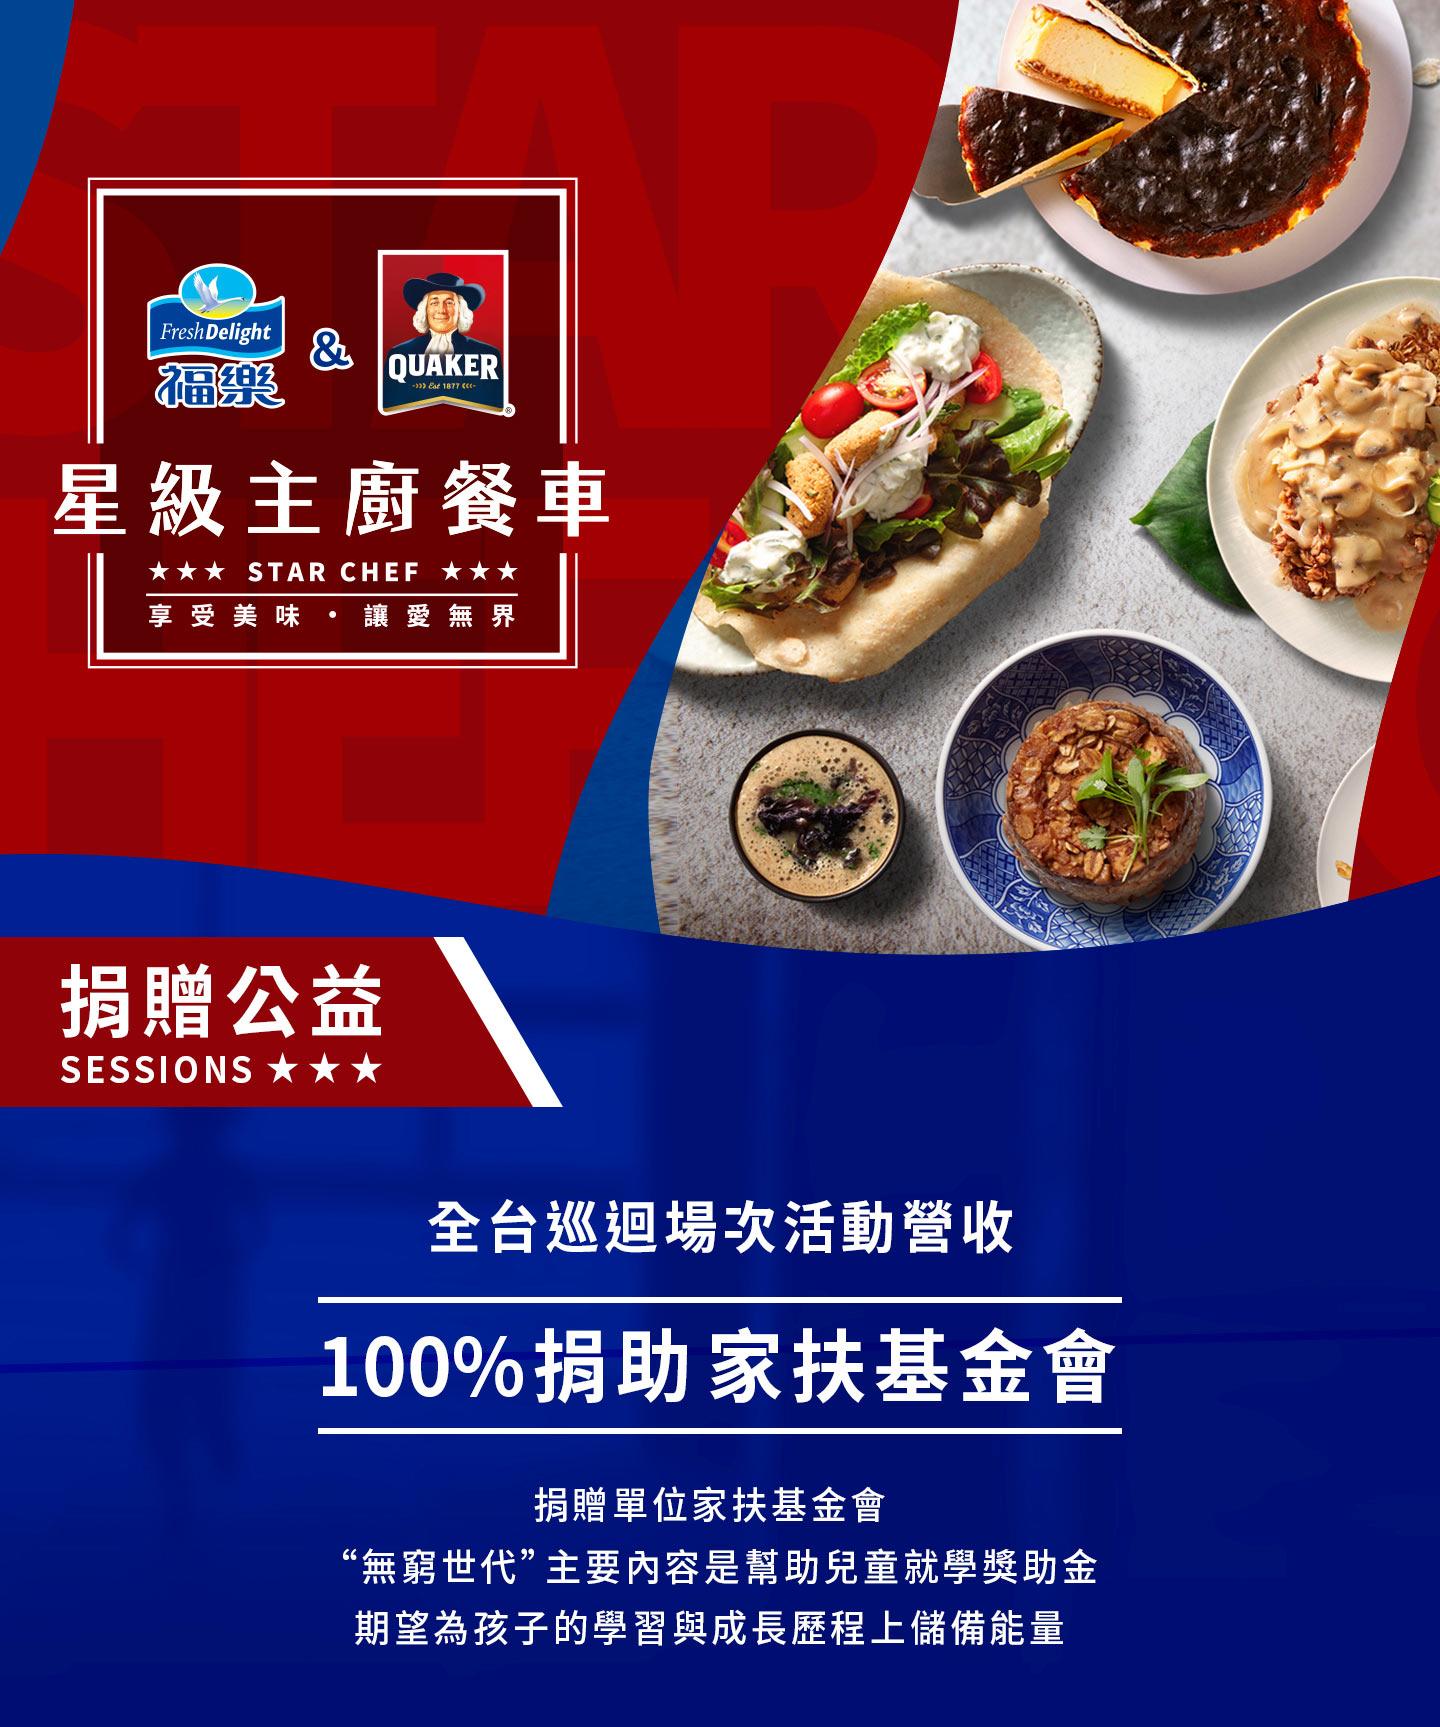 桂格,福樂,星級主廚餐車全台巡迴場次活動營收 100%捐助家扶基金會